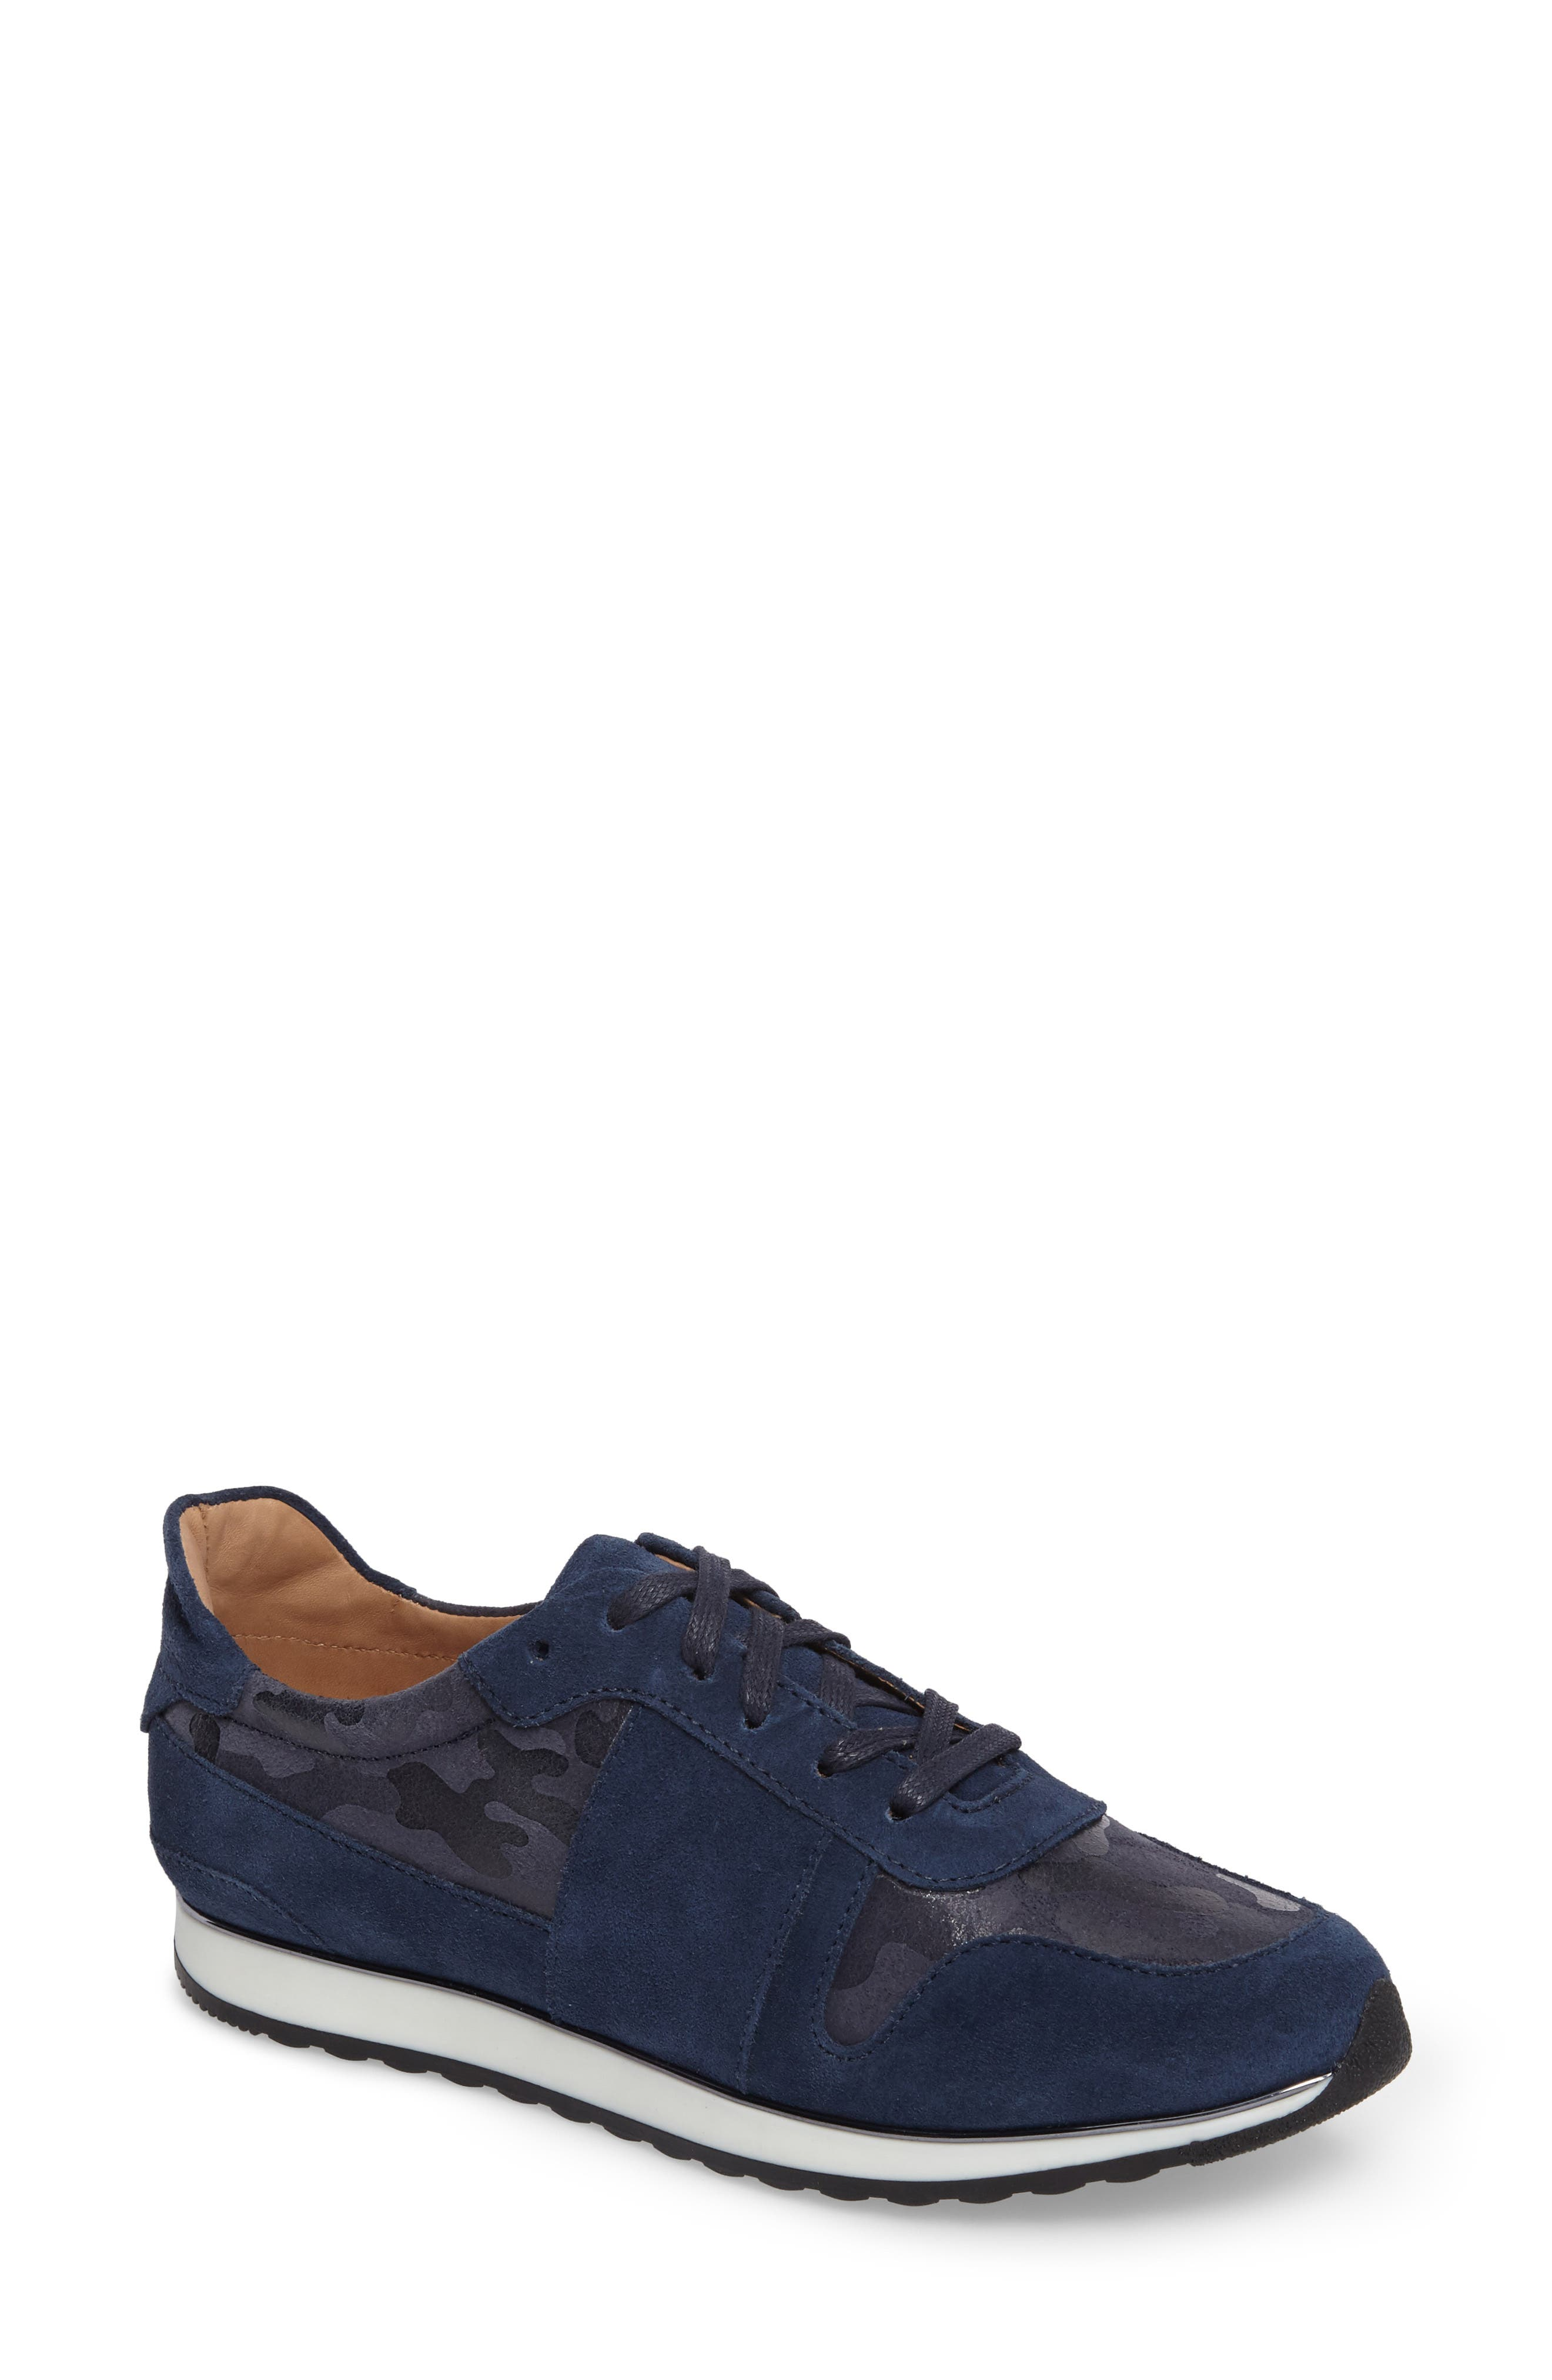 Stefani Sneaker,                         Main,                         color, Camo Nubuck Leather